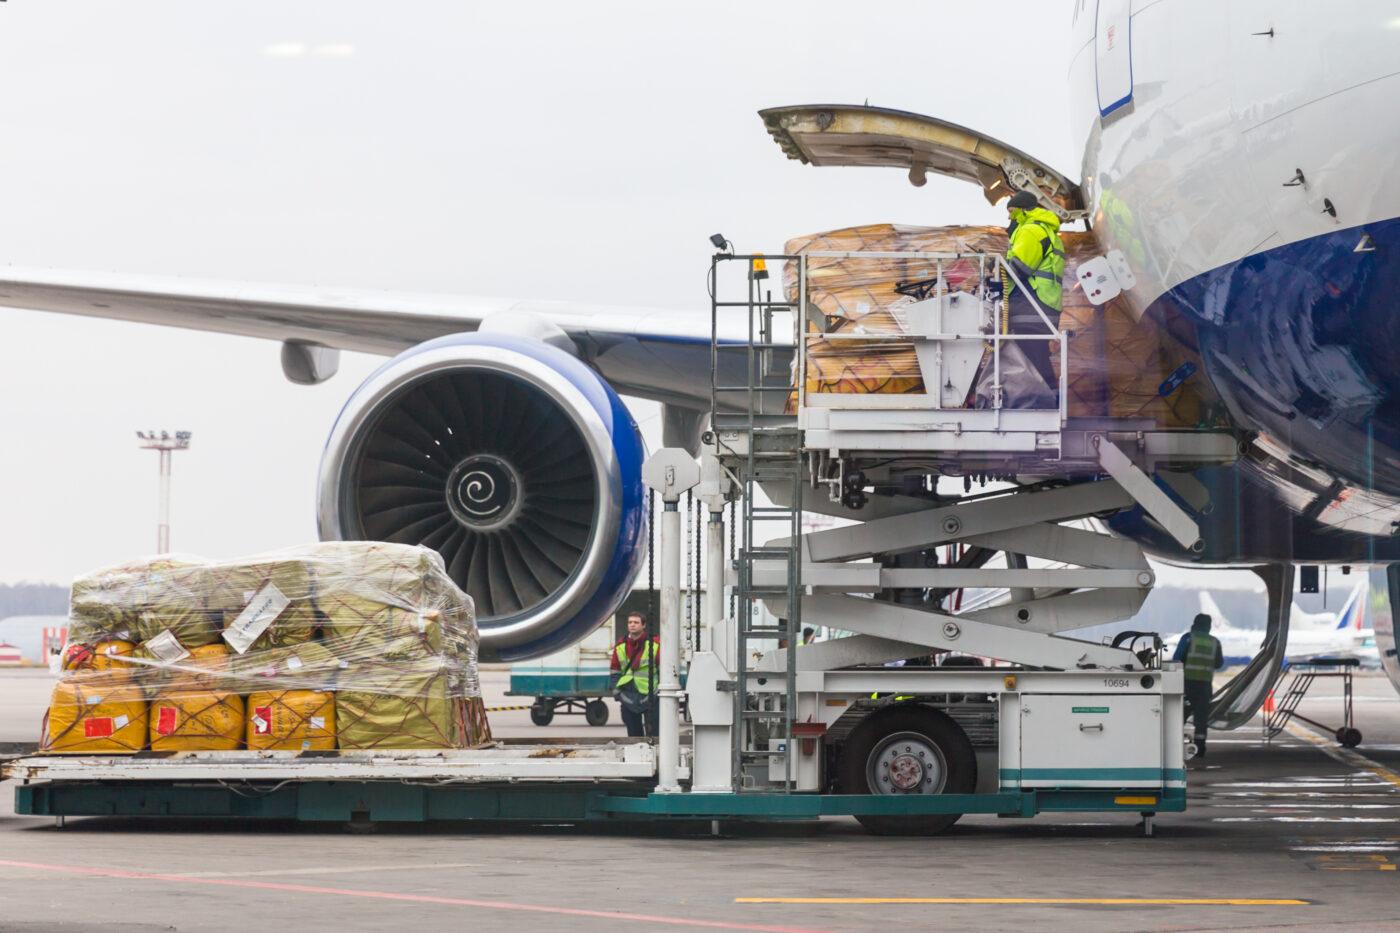 Air freight to Dublin, Ireland